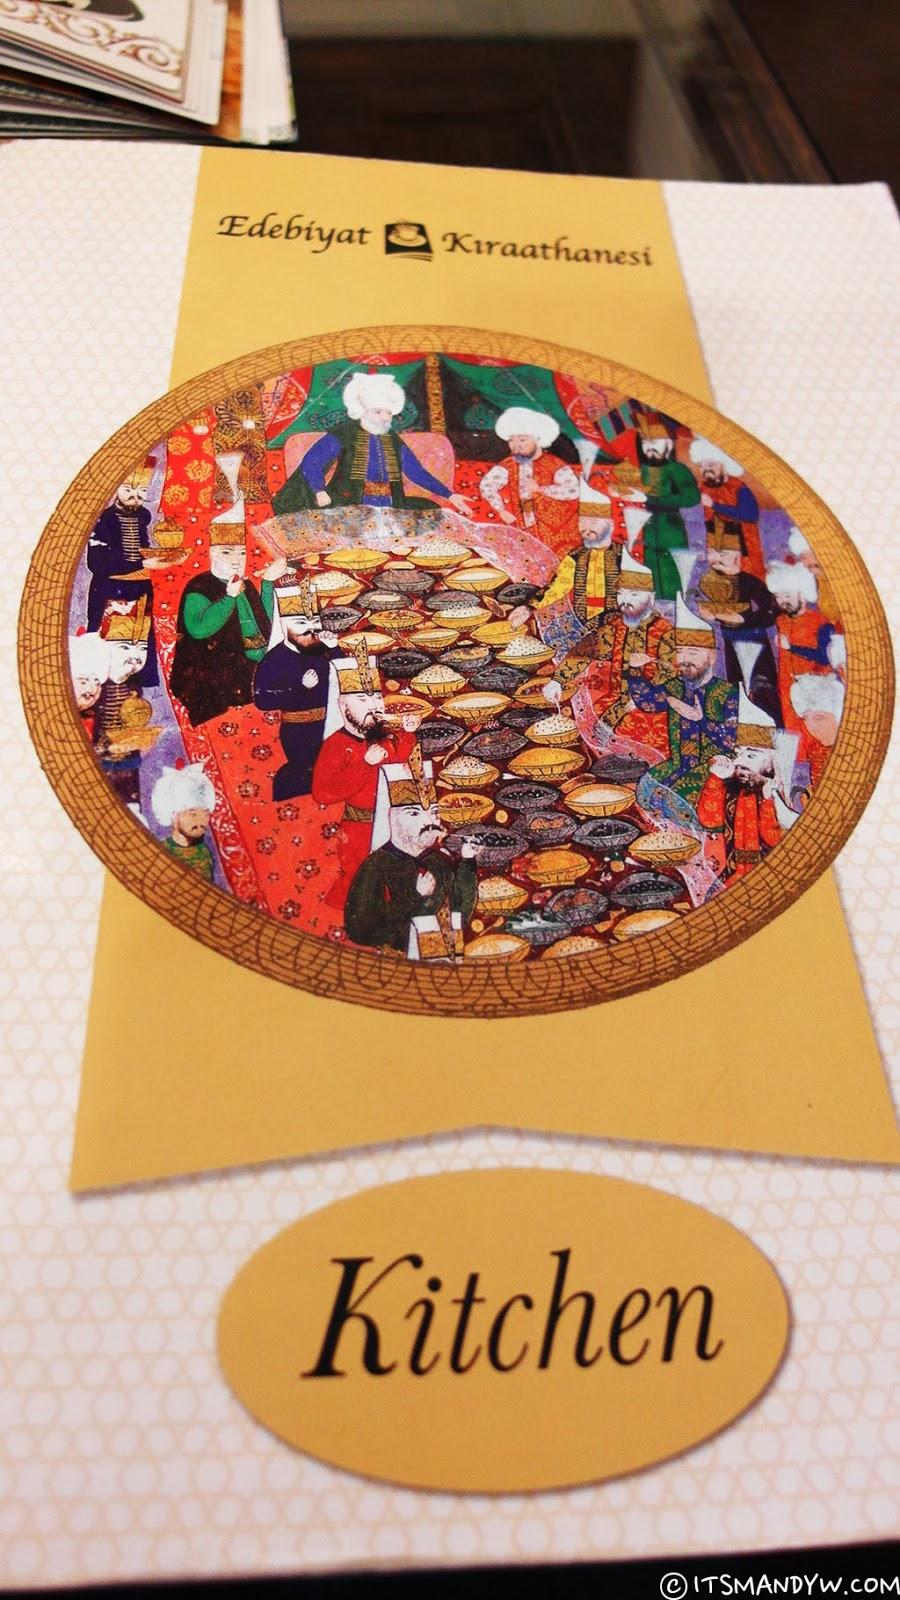 【土耳其】我最愛糖 – 傳統甜點店 Edebiyat Kiraathanesi